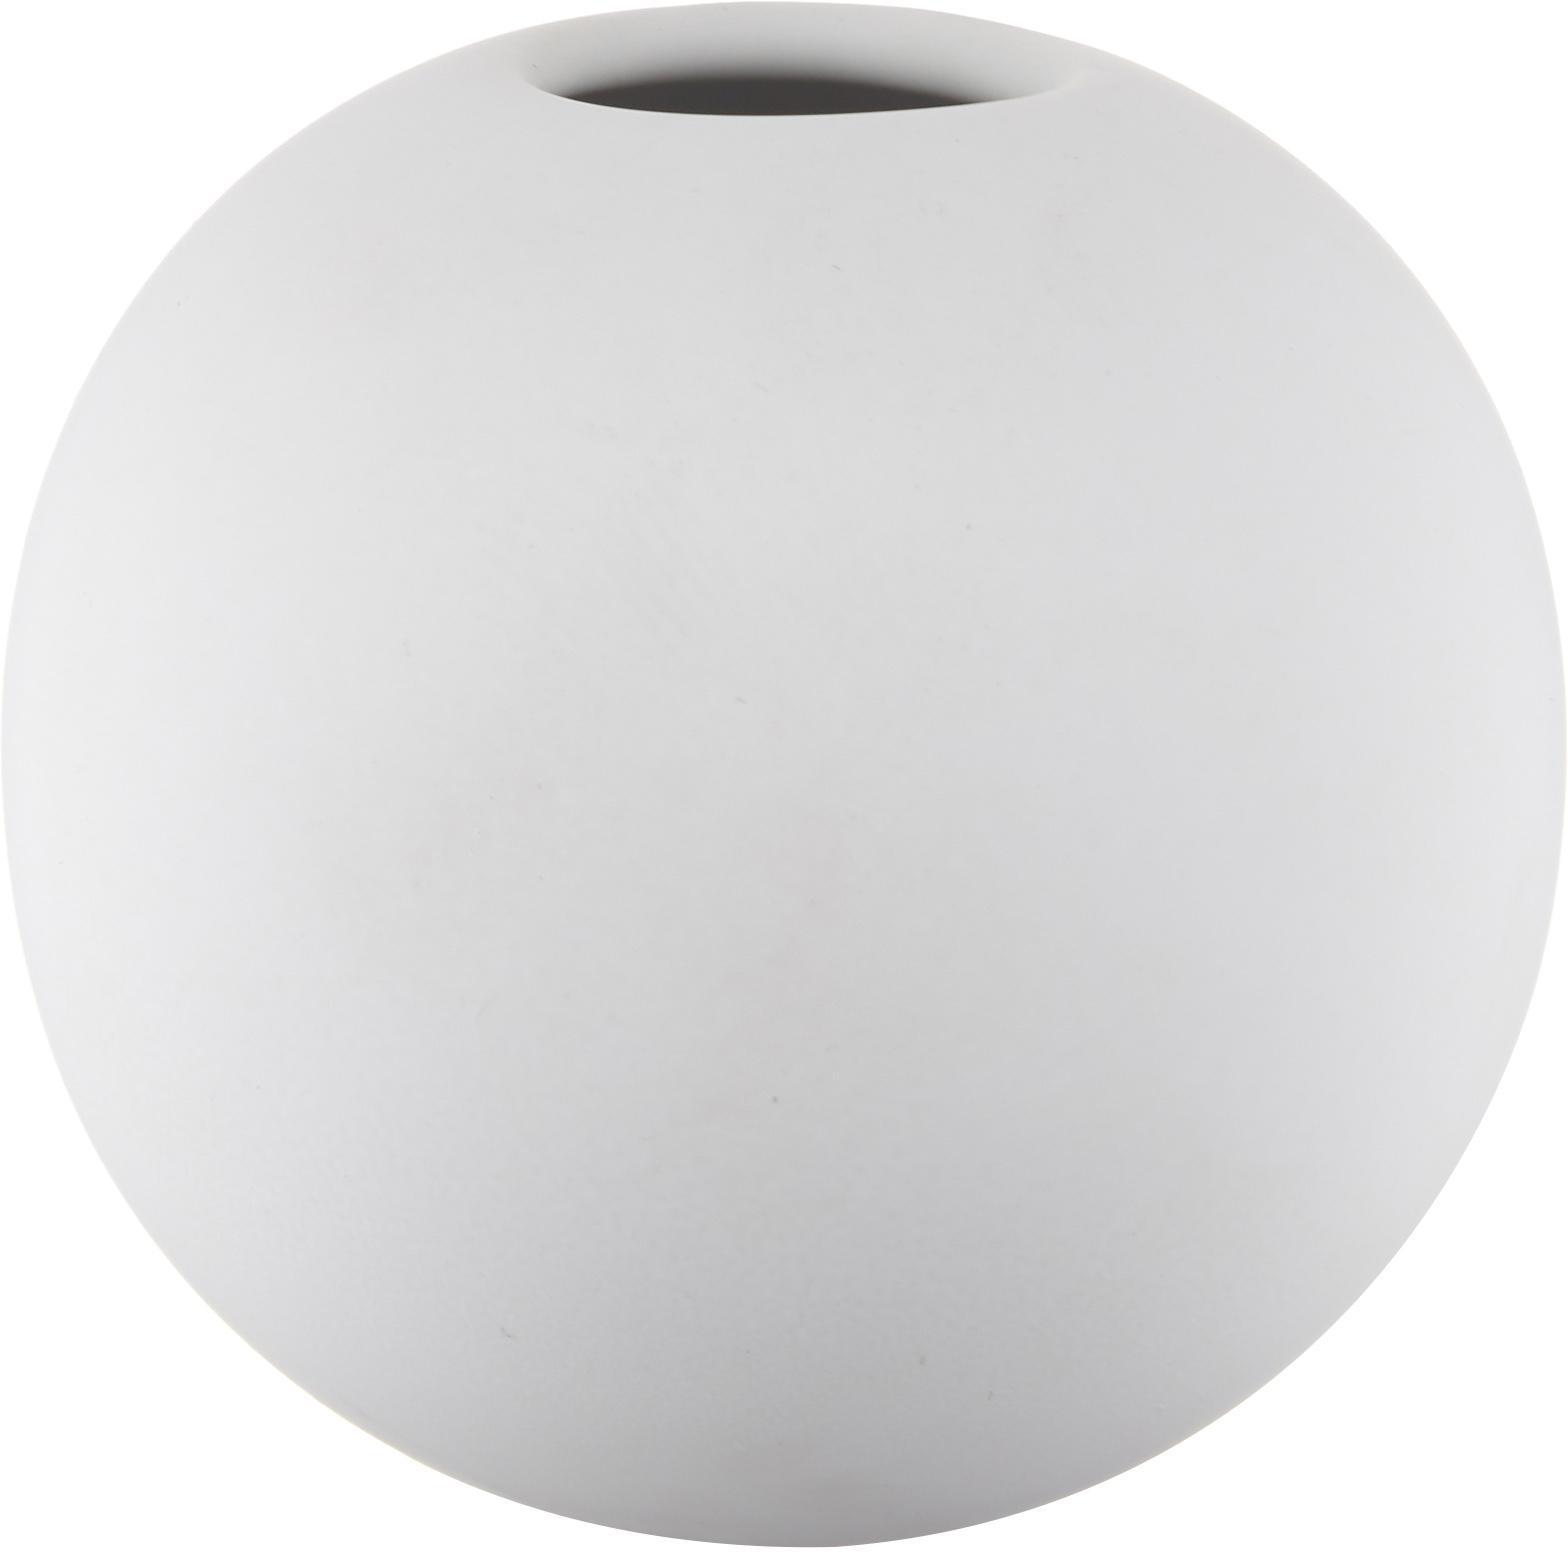 Handgemaakte bolvormige vaas Ball, Keramiek, Wit, Ø 8 x H 8 cm